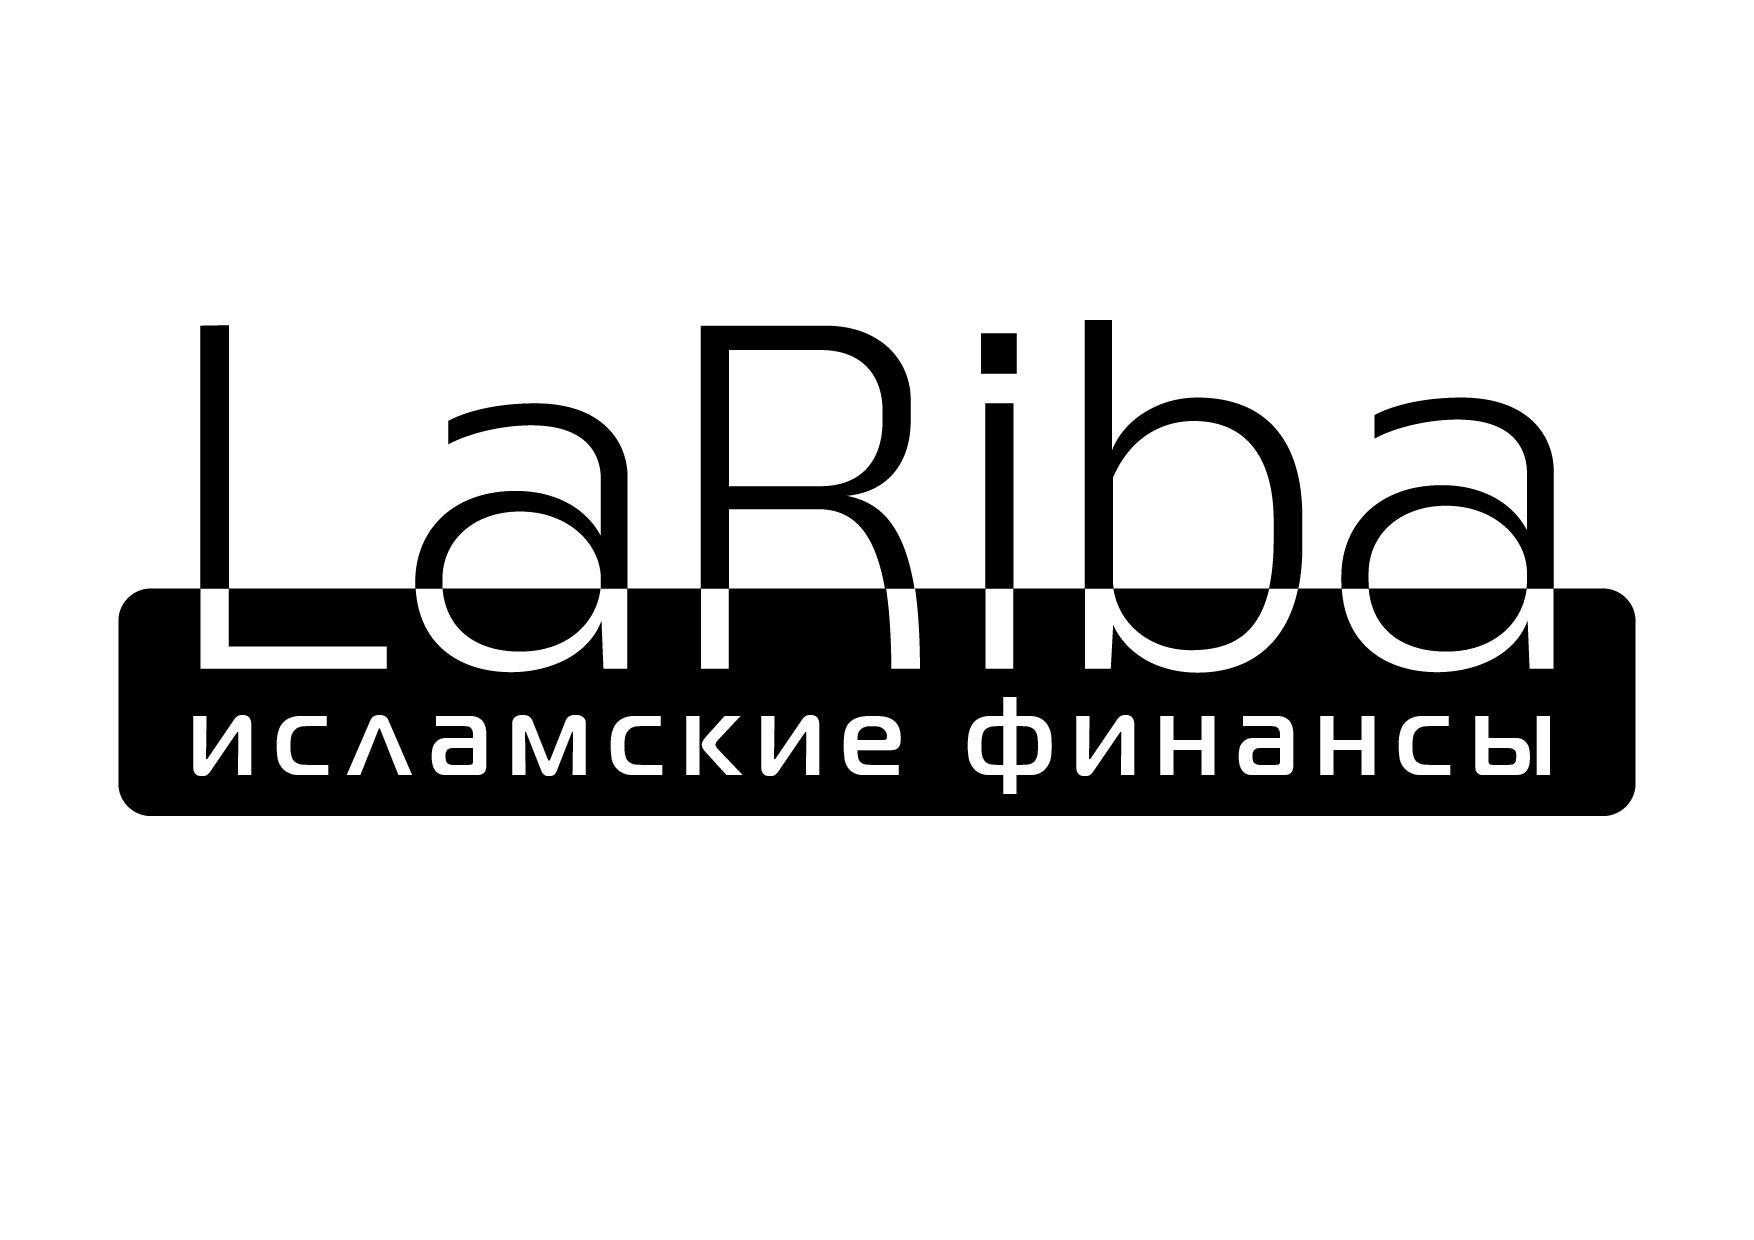 Логотип для исламской финансовой компании.  - дизайнер Ker-Polaynskiy